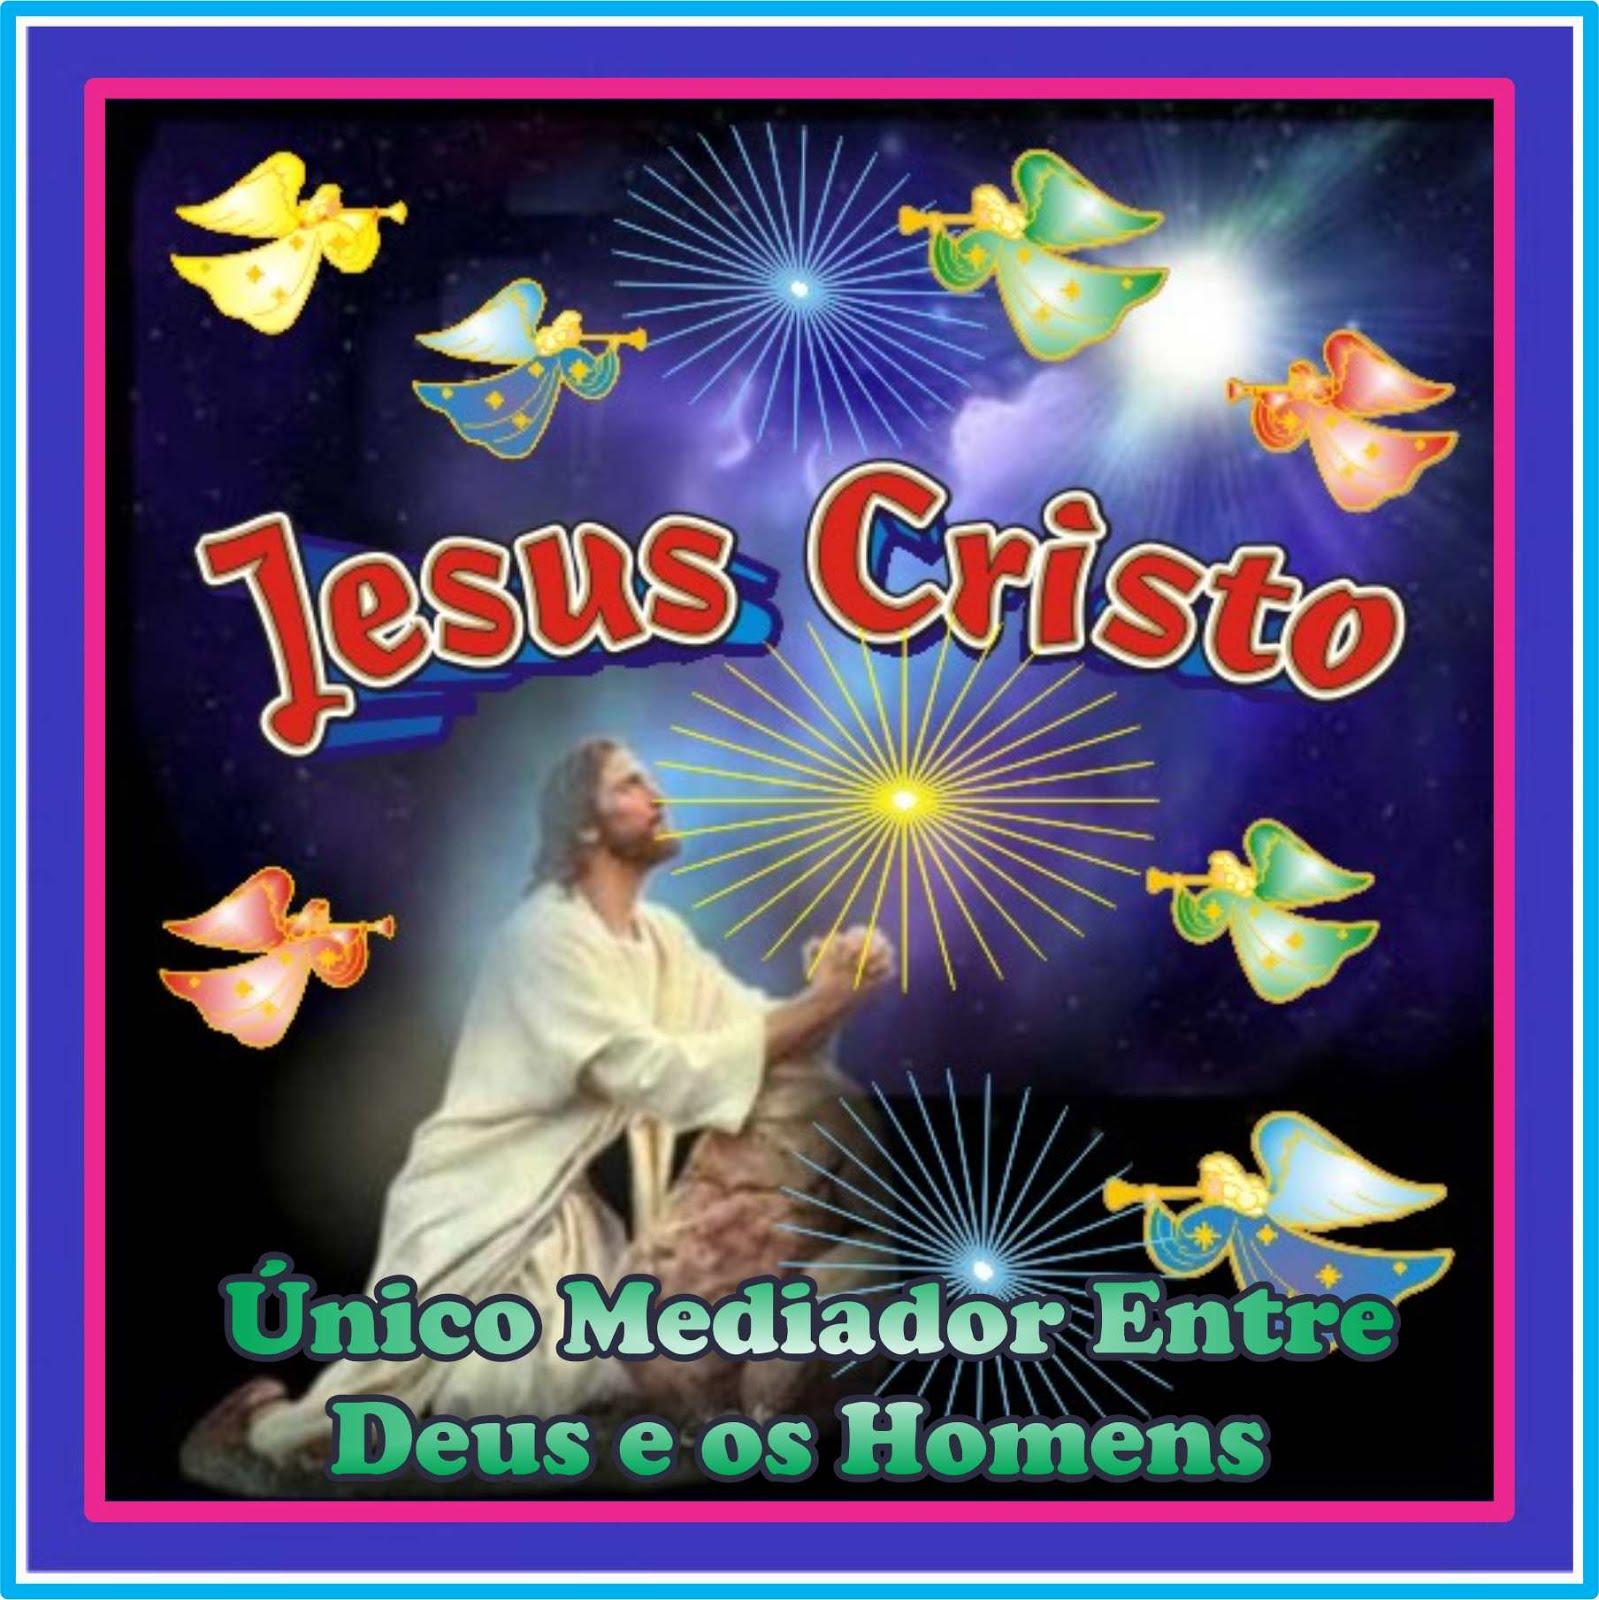 Único Mediador Entre Deus e Os Homens É Jesus Cristo O Redentor